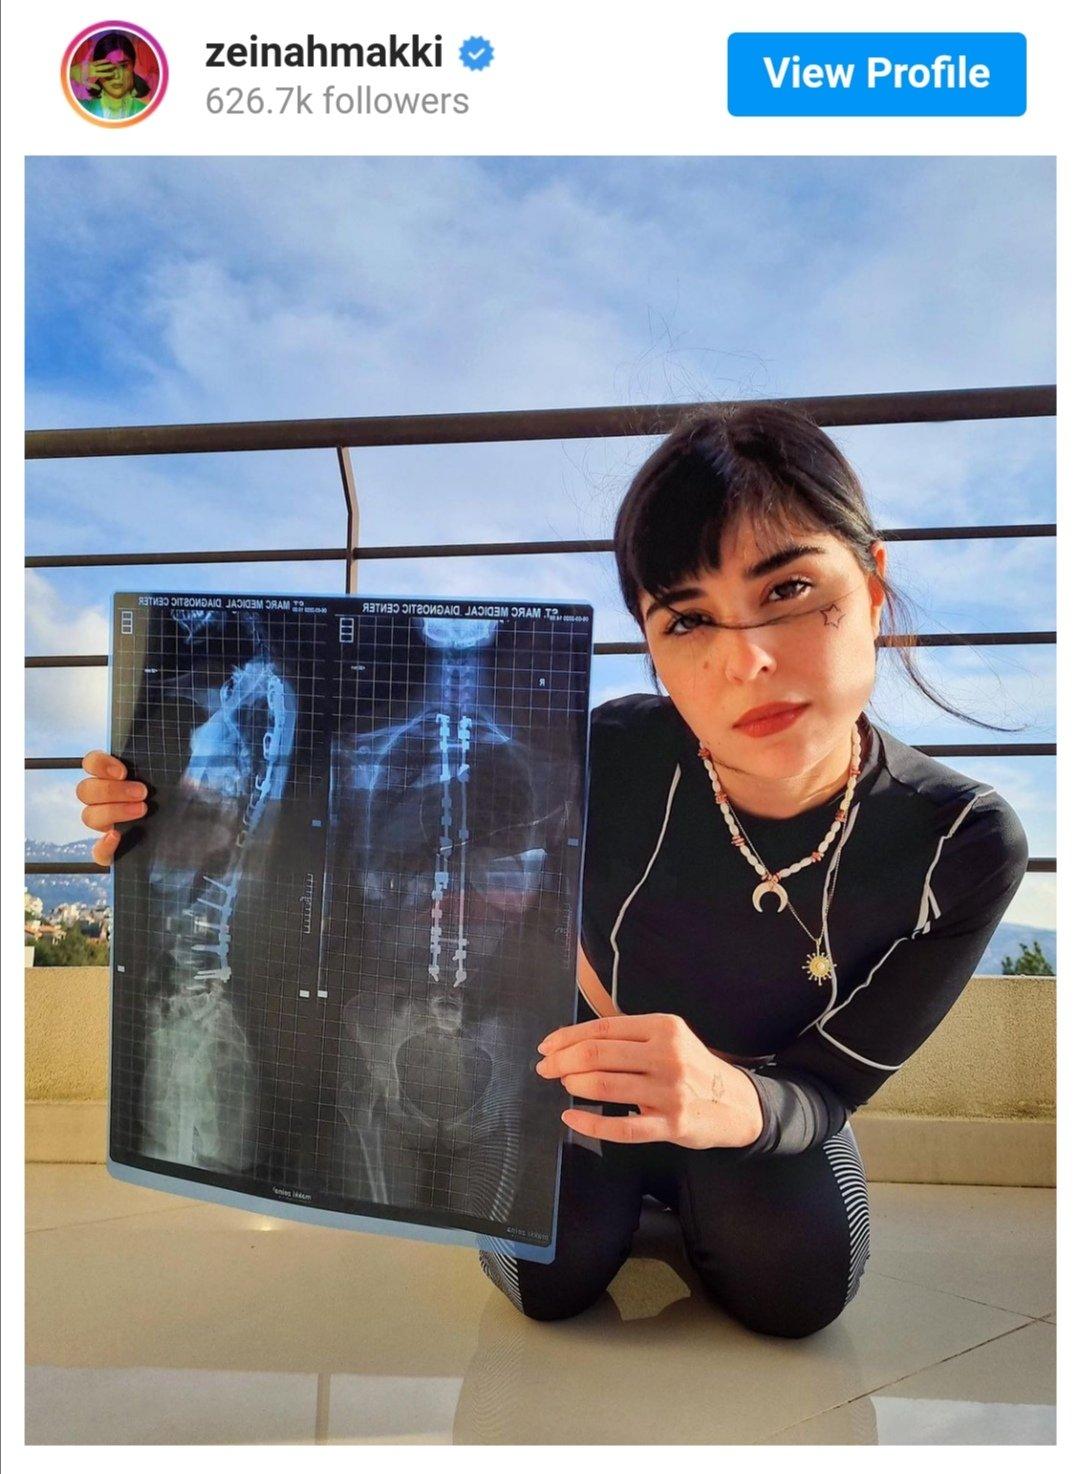 الممثلة زينة مكي